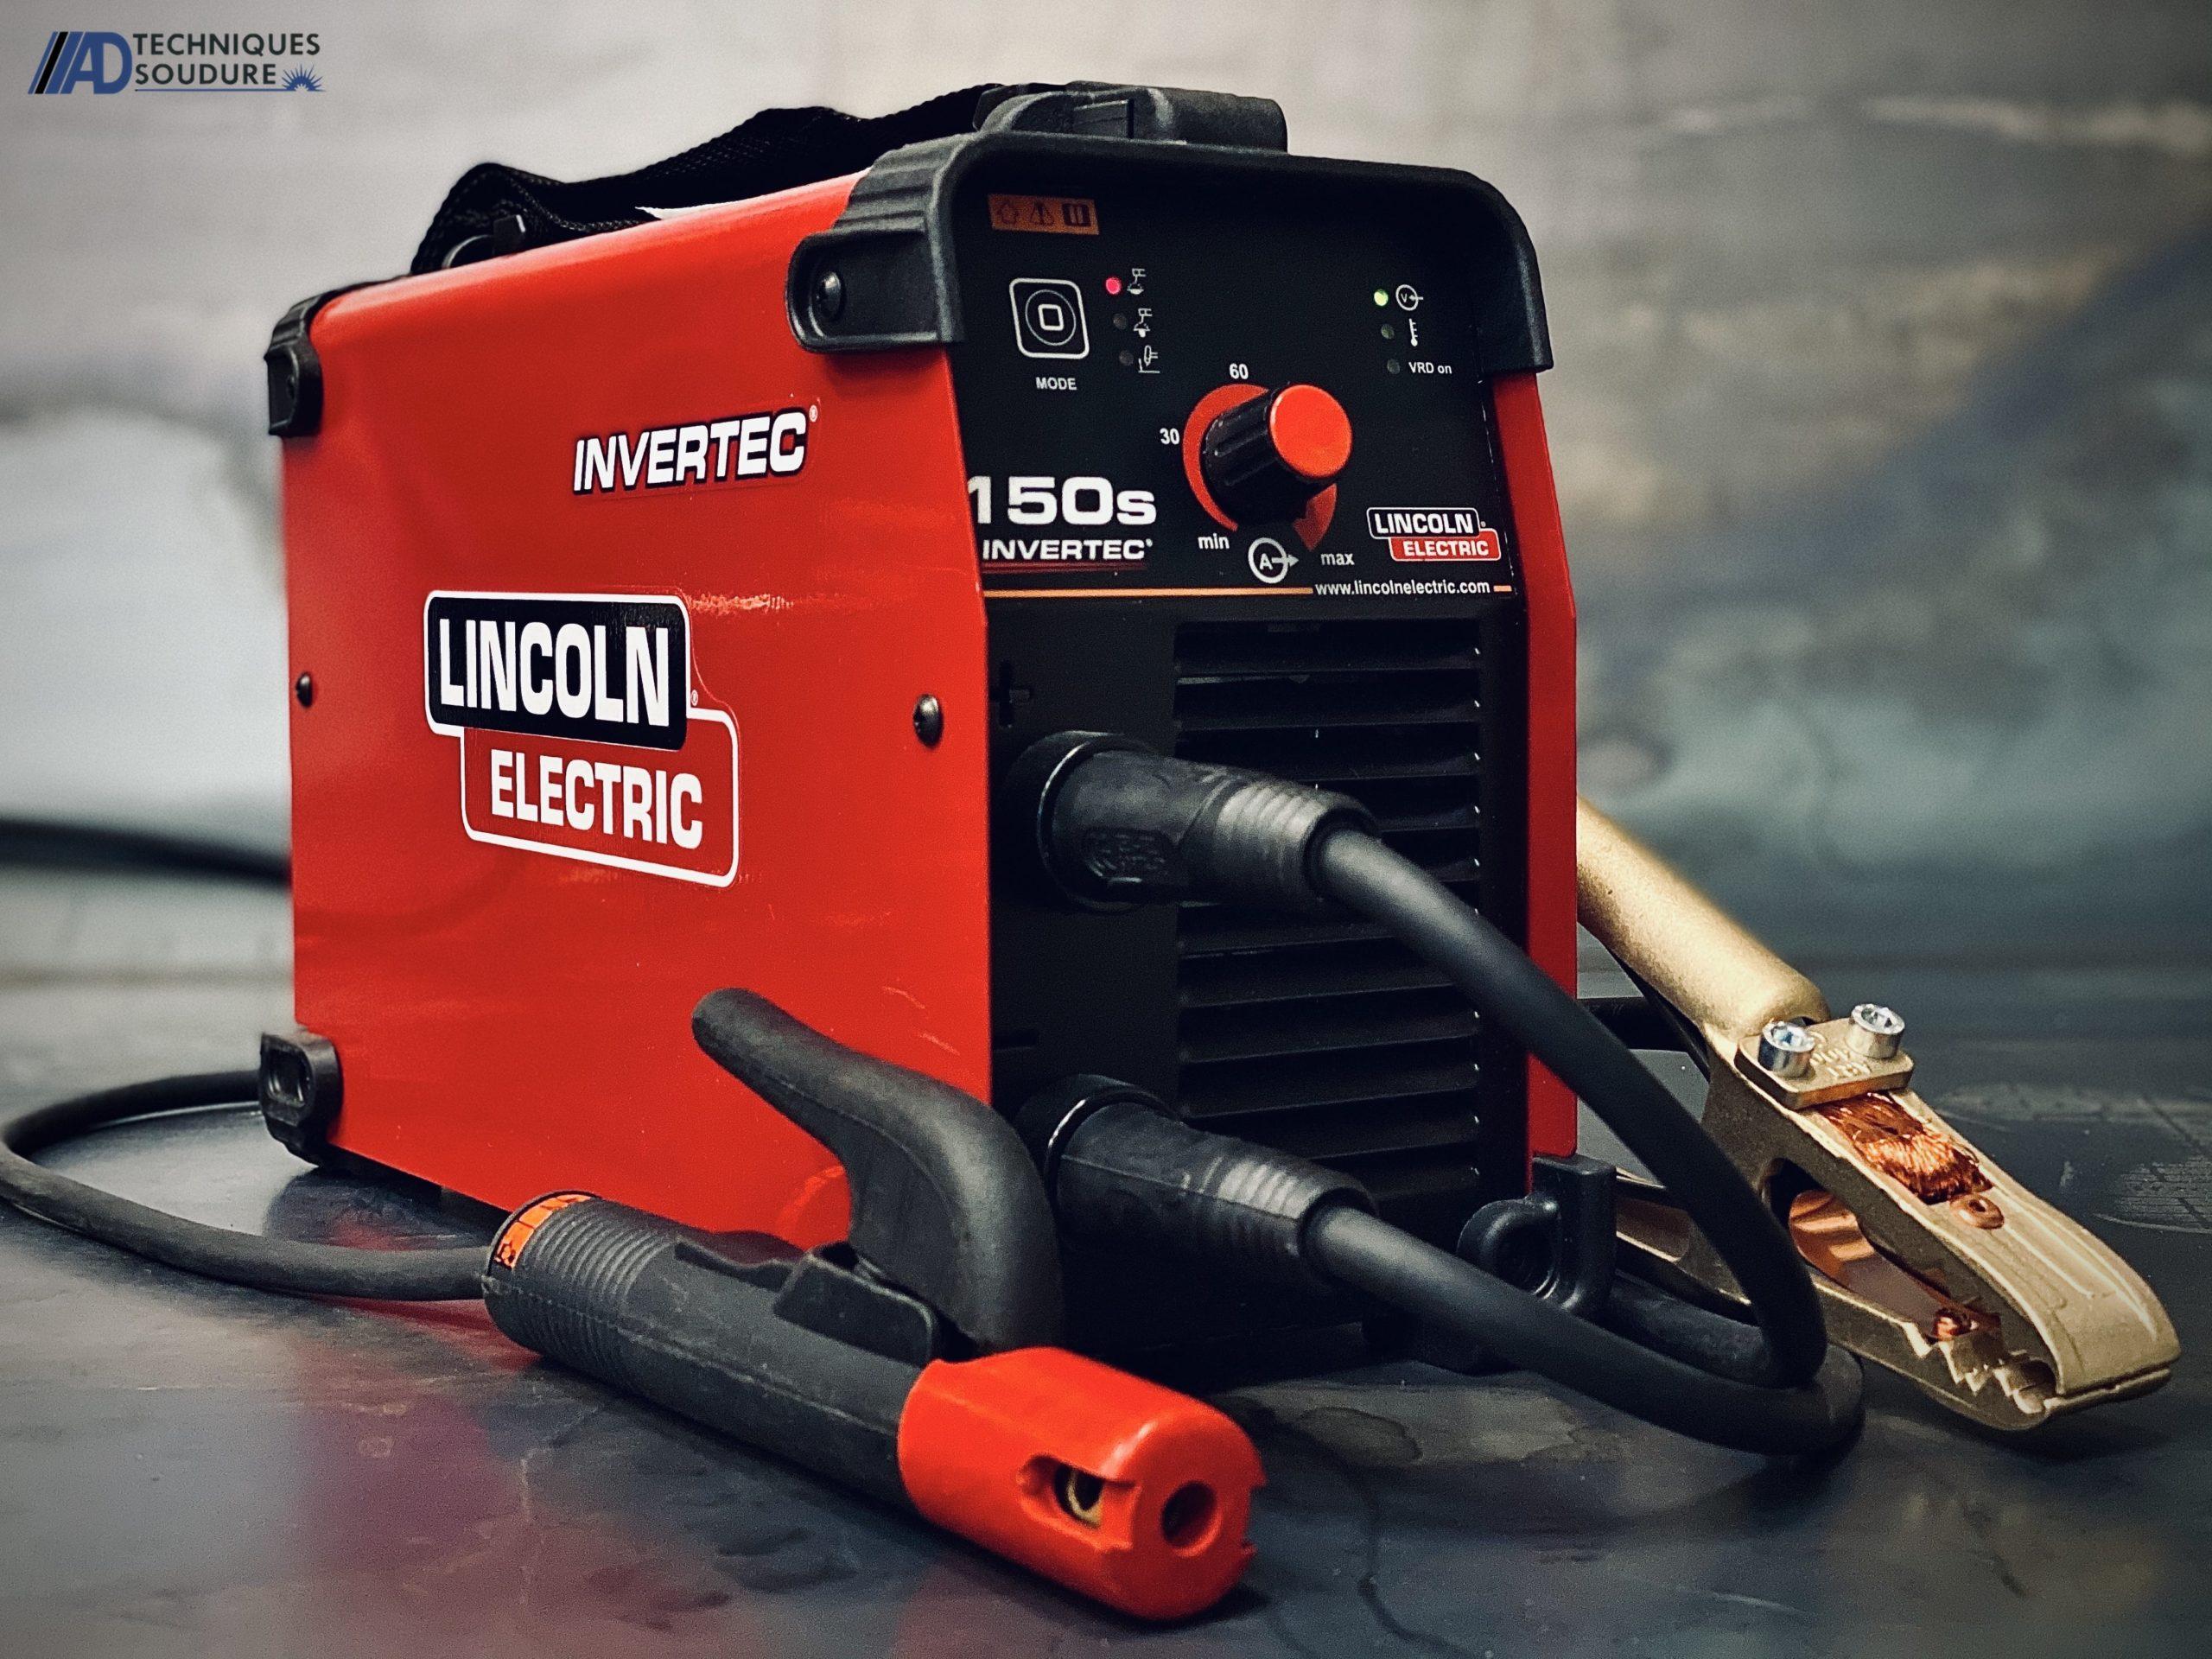 Poste à souder MIG INVERTEC 150S Lincoln Electric